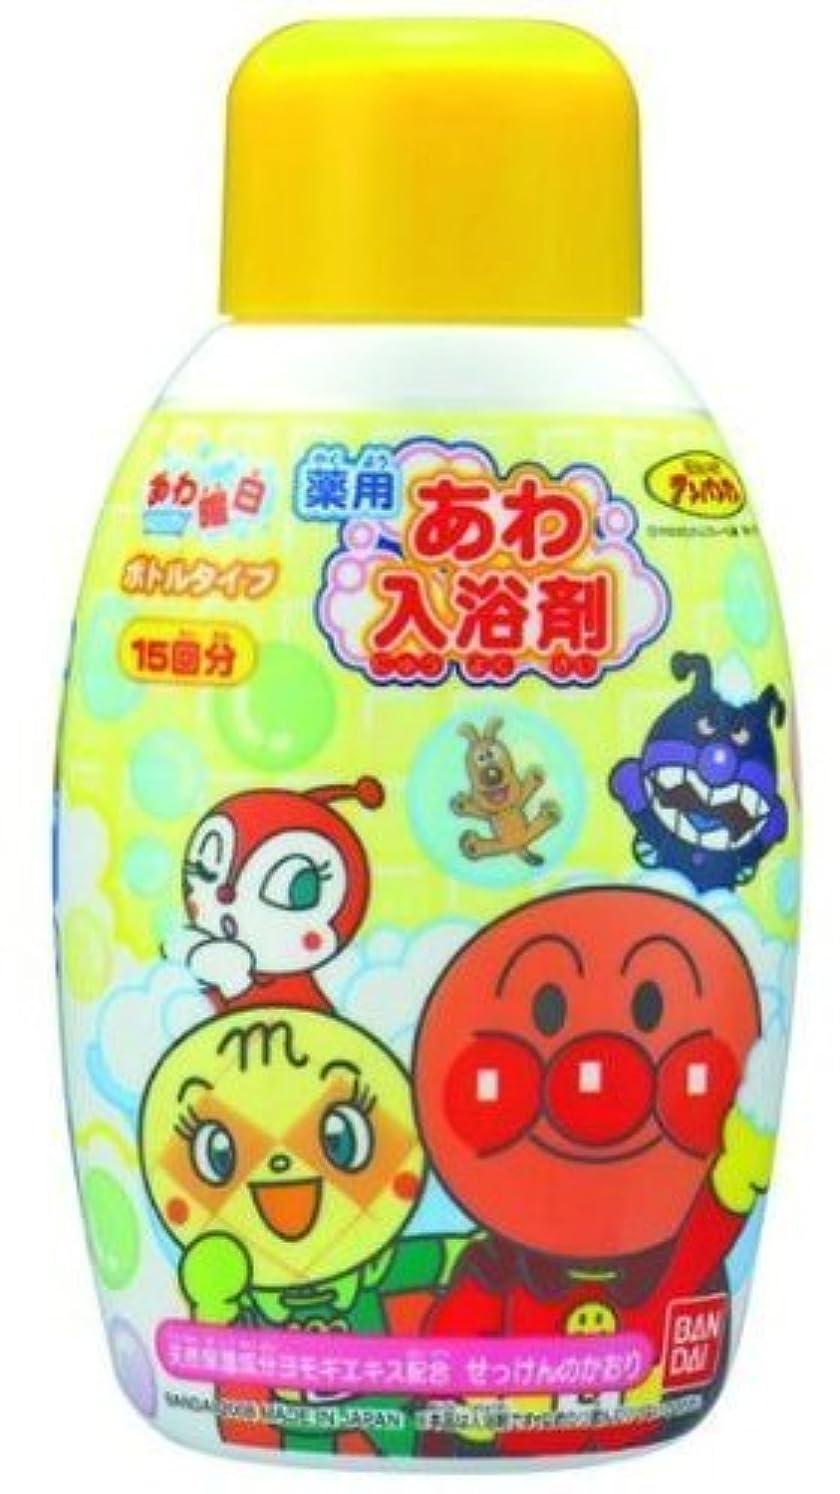 にオープナーそれらあわ入浴剤ボトルタイプ アンパンマン × 10個